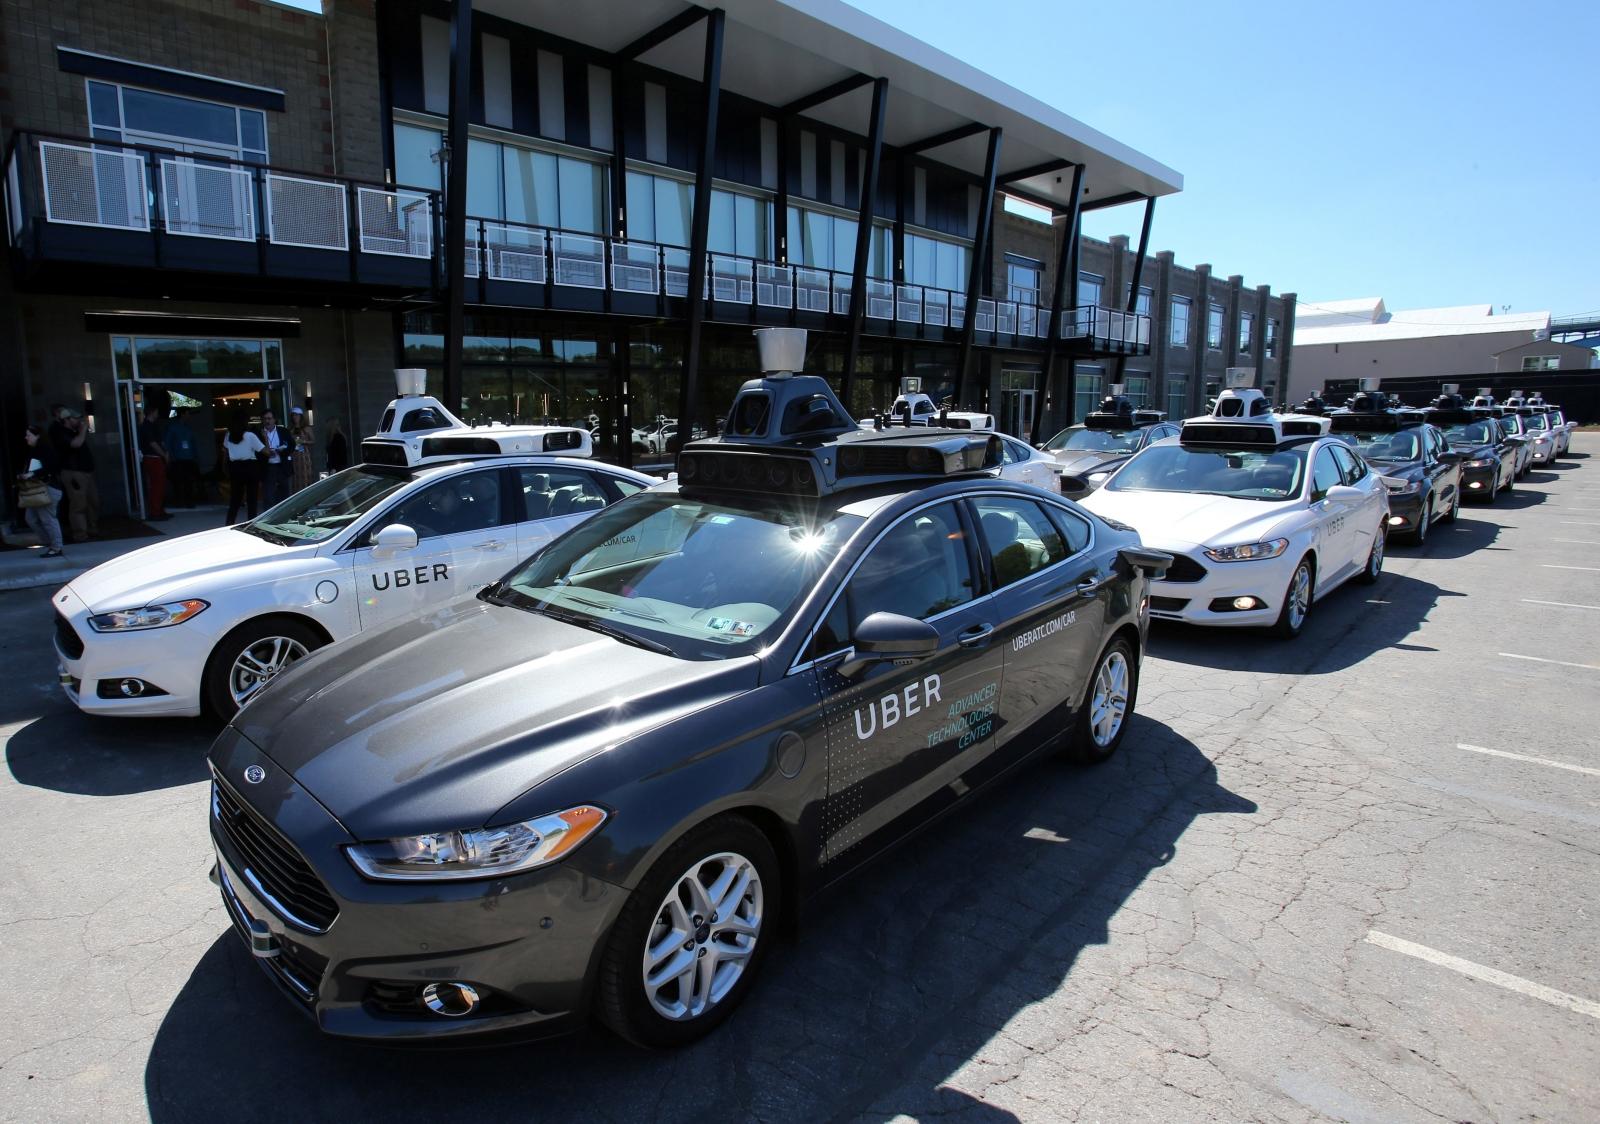 Autonomous Uber car